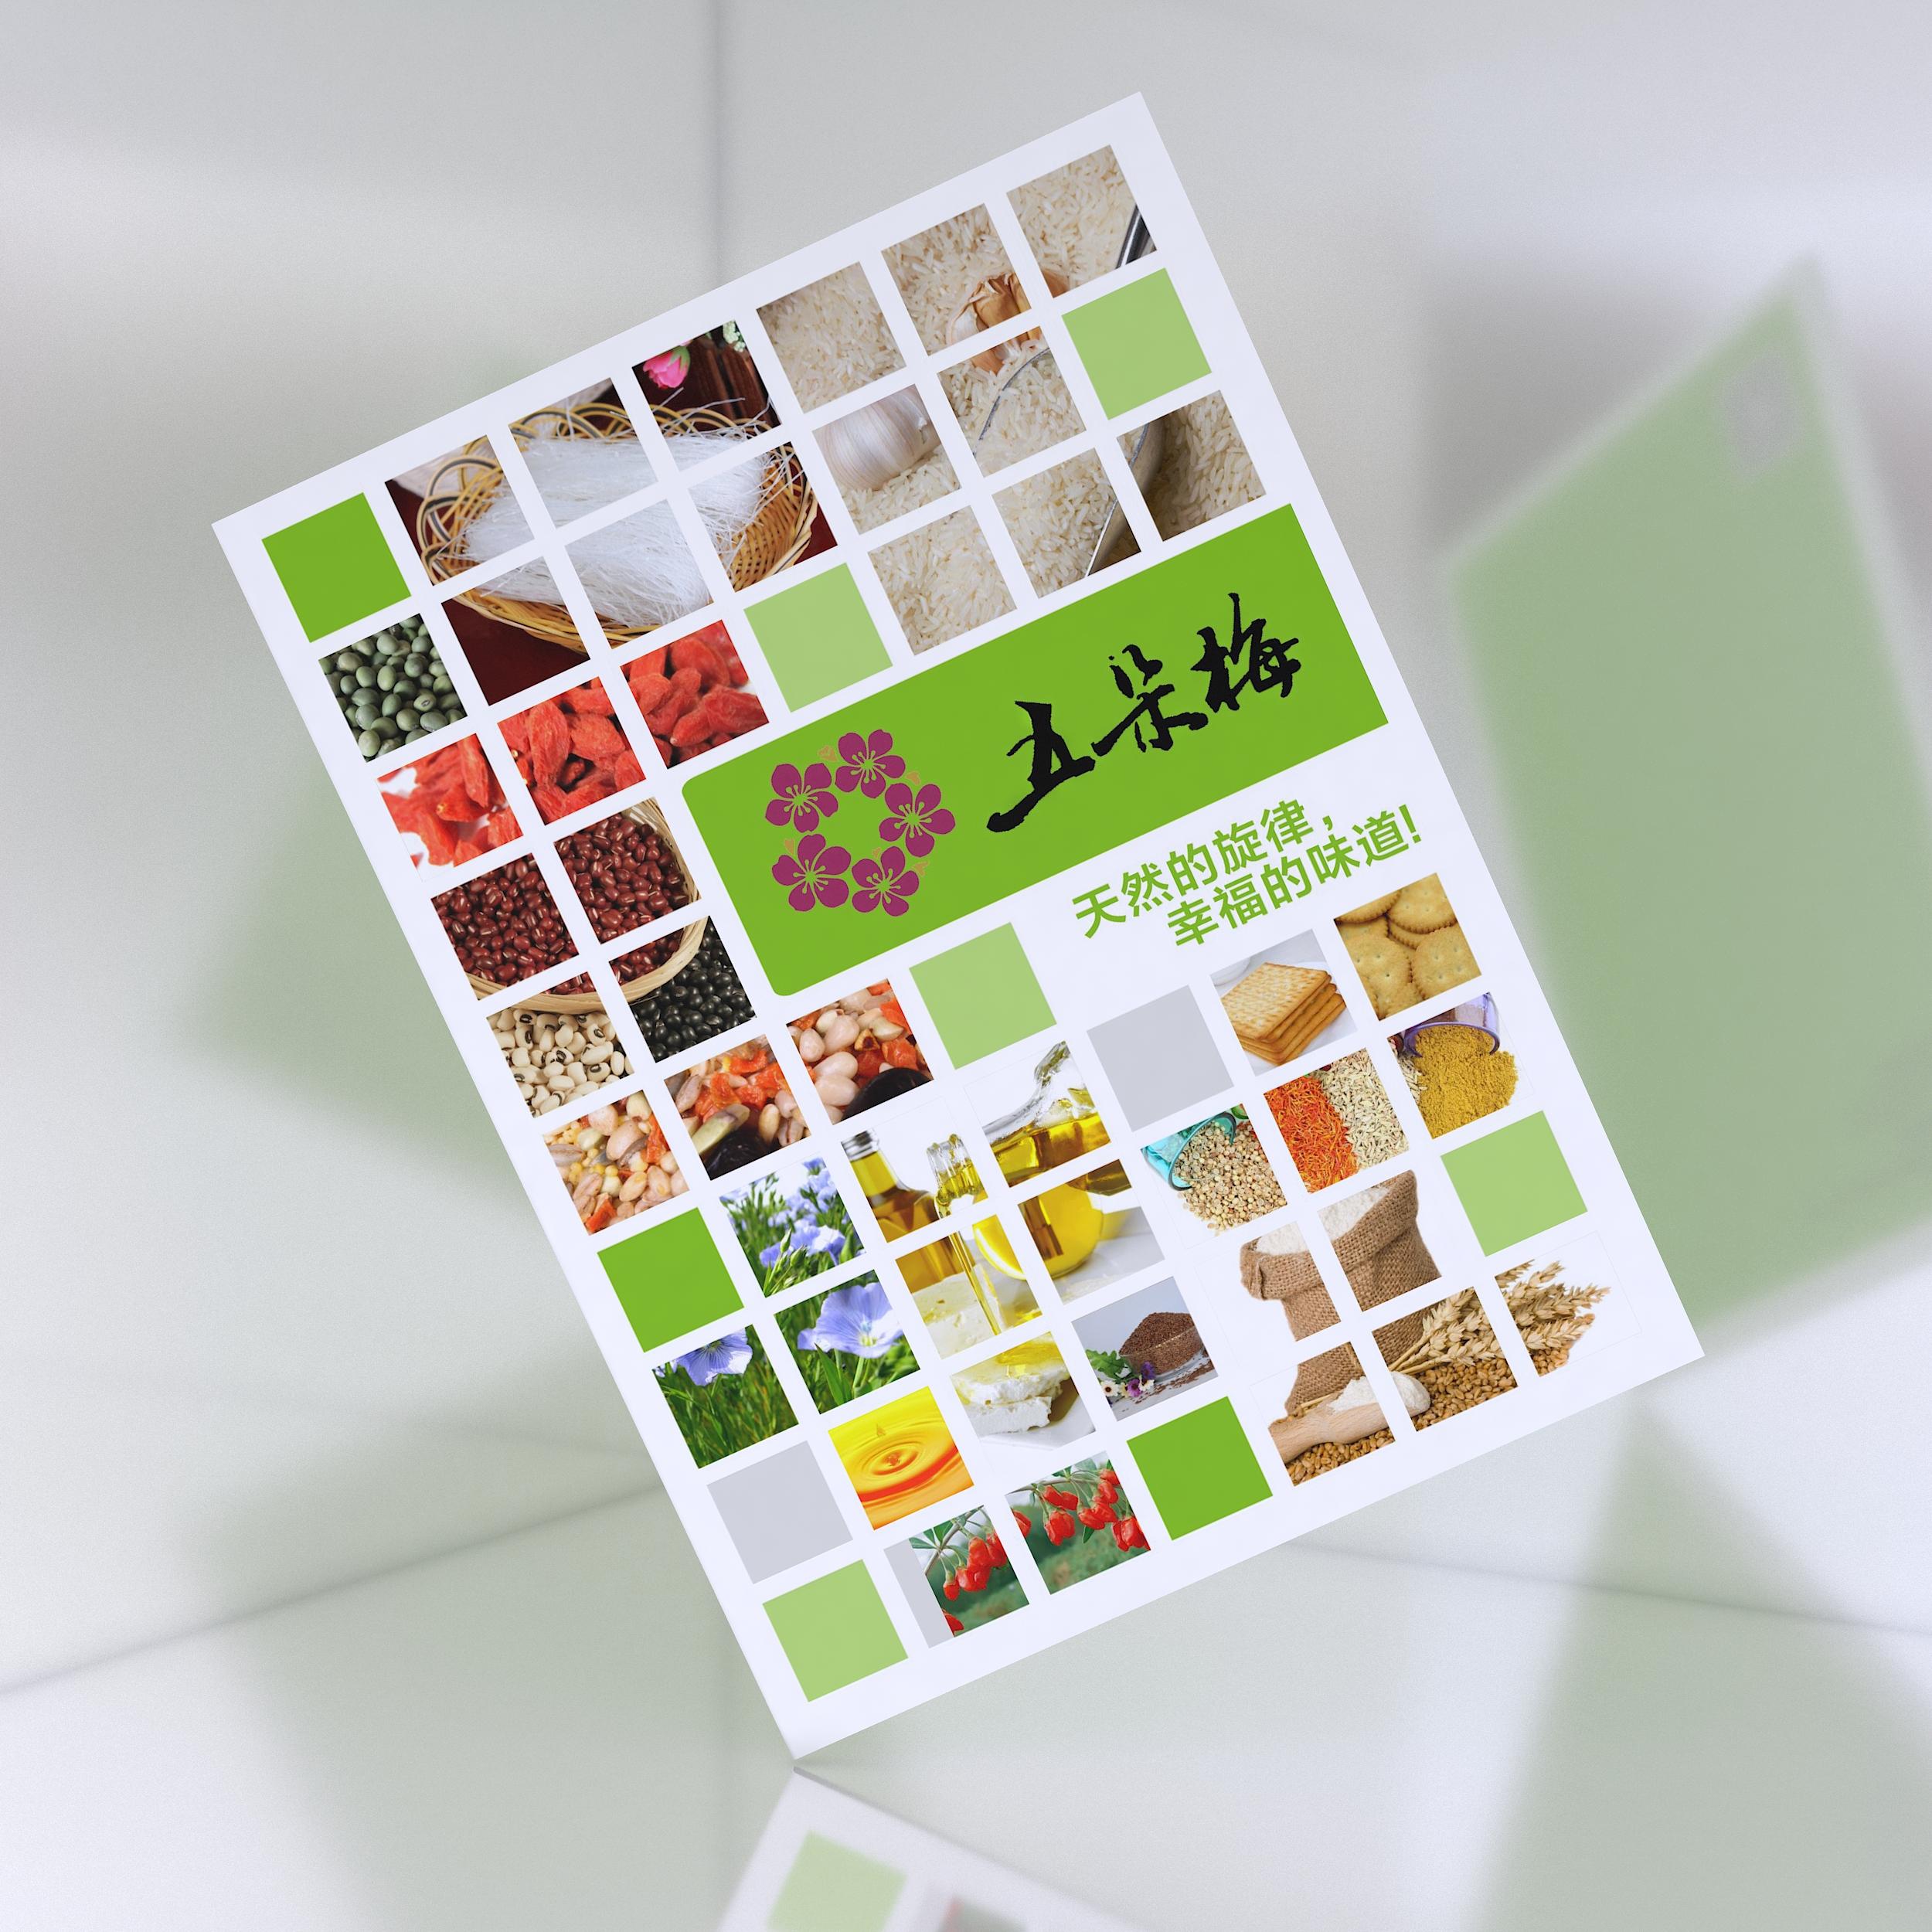 五朵梅食品画册设计